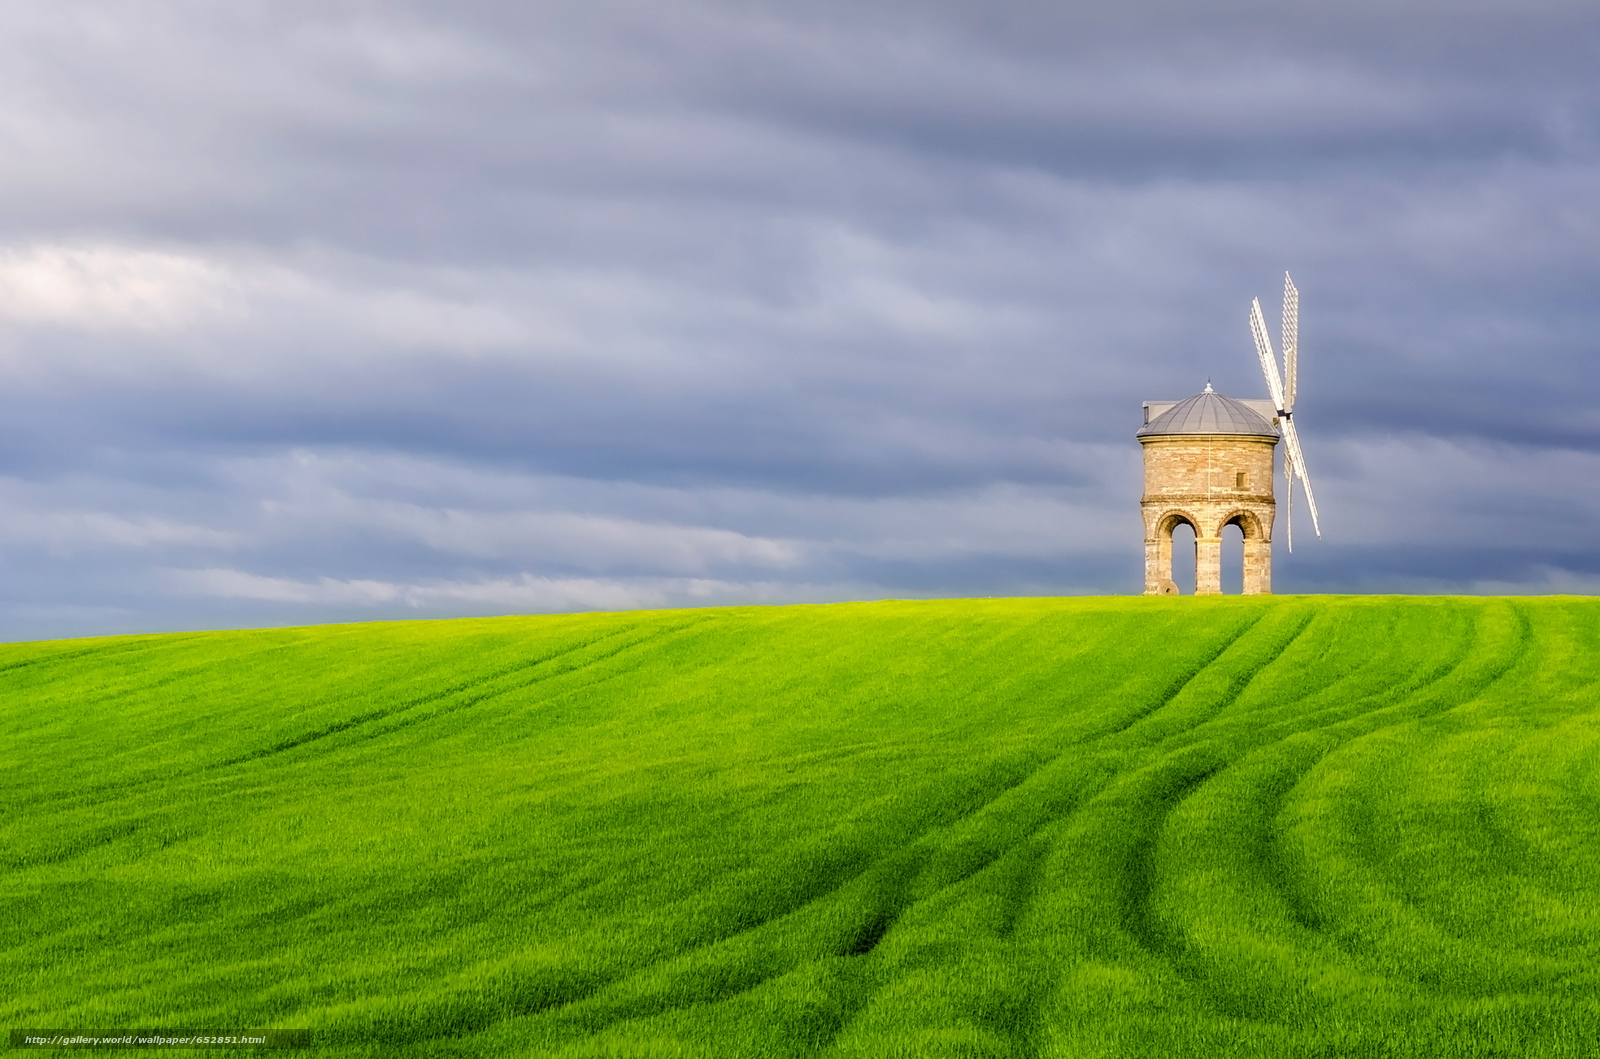 Скачать обои Честертон ветряная мельница,  Уорикшир,  Великобритания,  Chesterton Windmill бесплатно для рабочего стола в разрешении 2048x1356 — картинка №652851